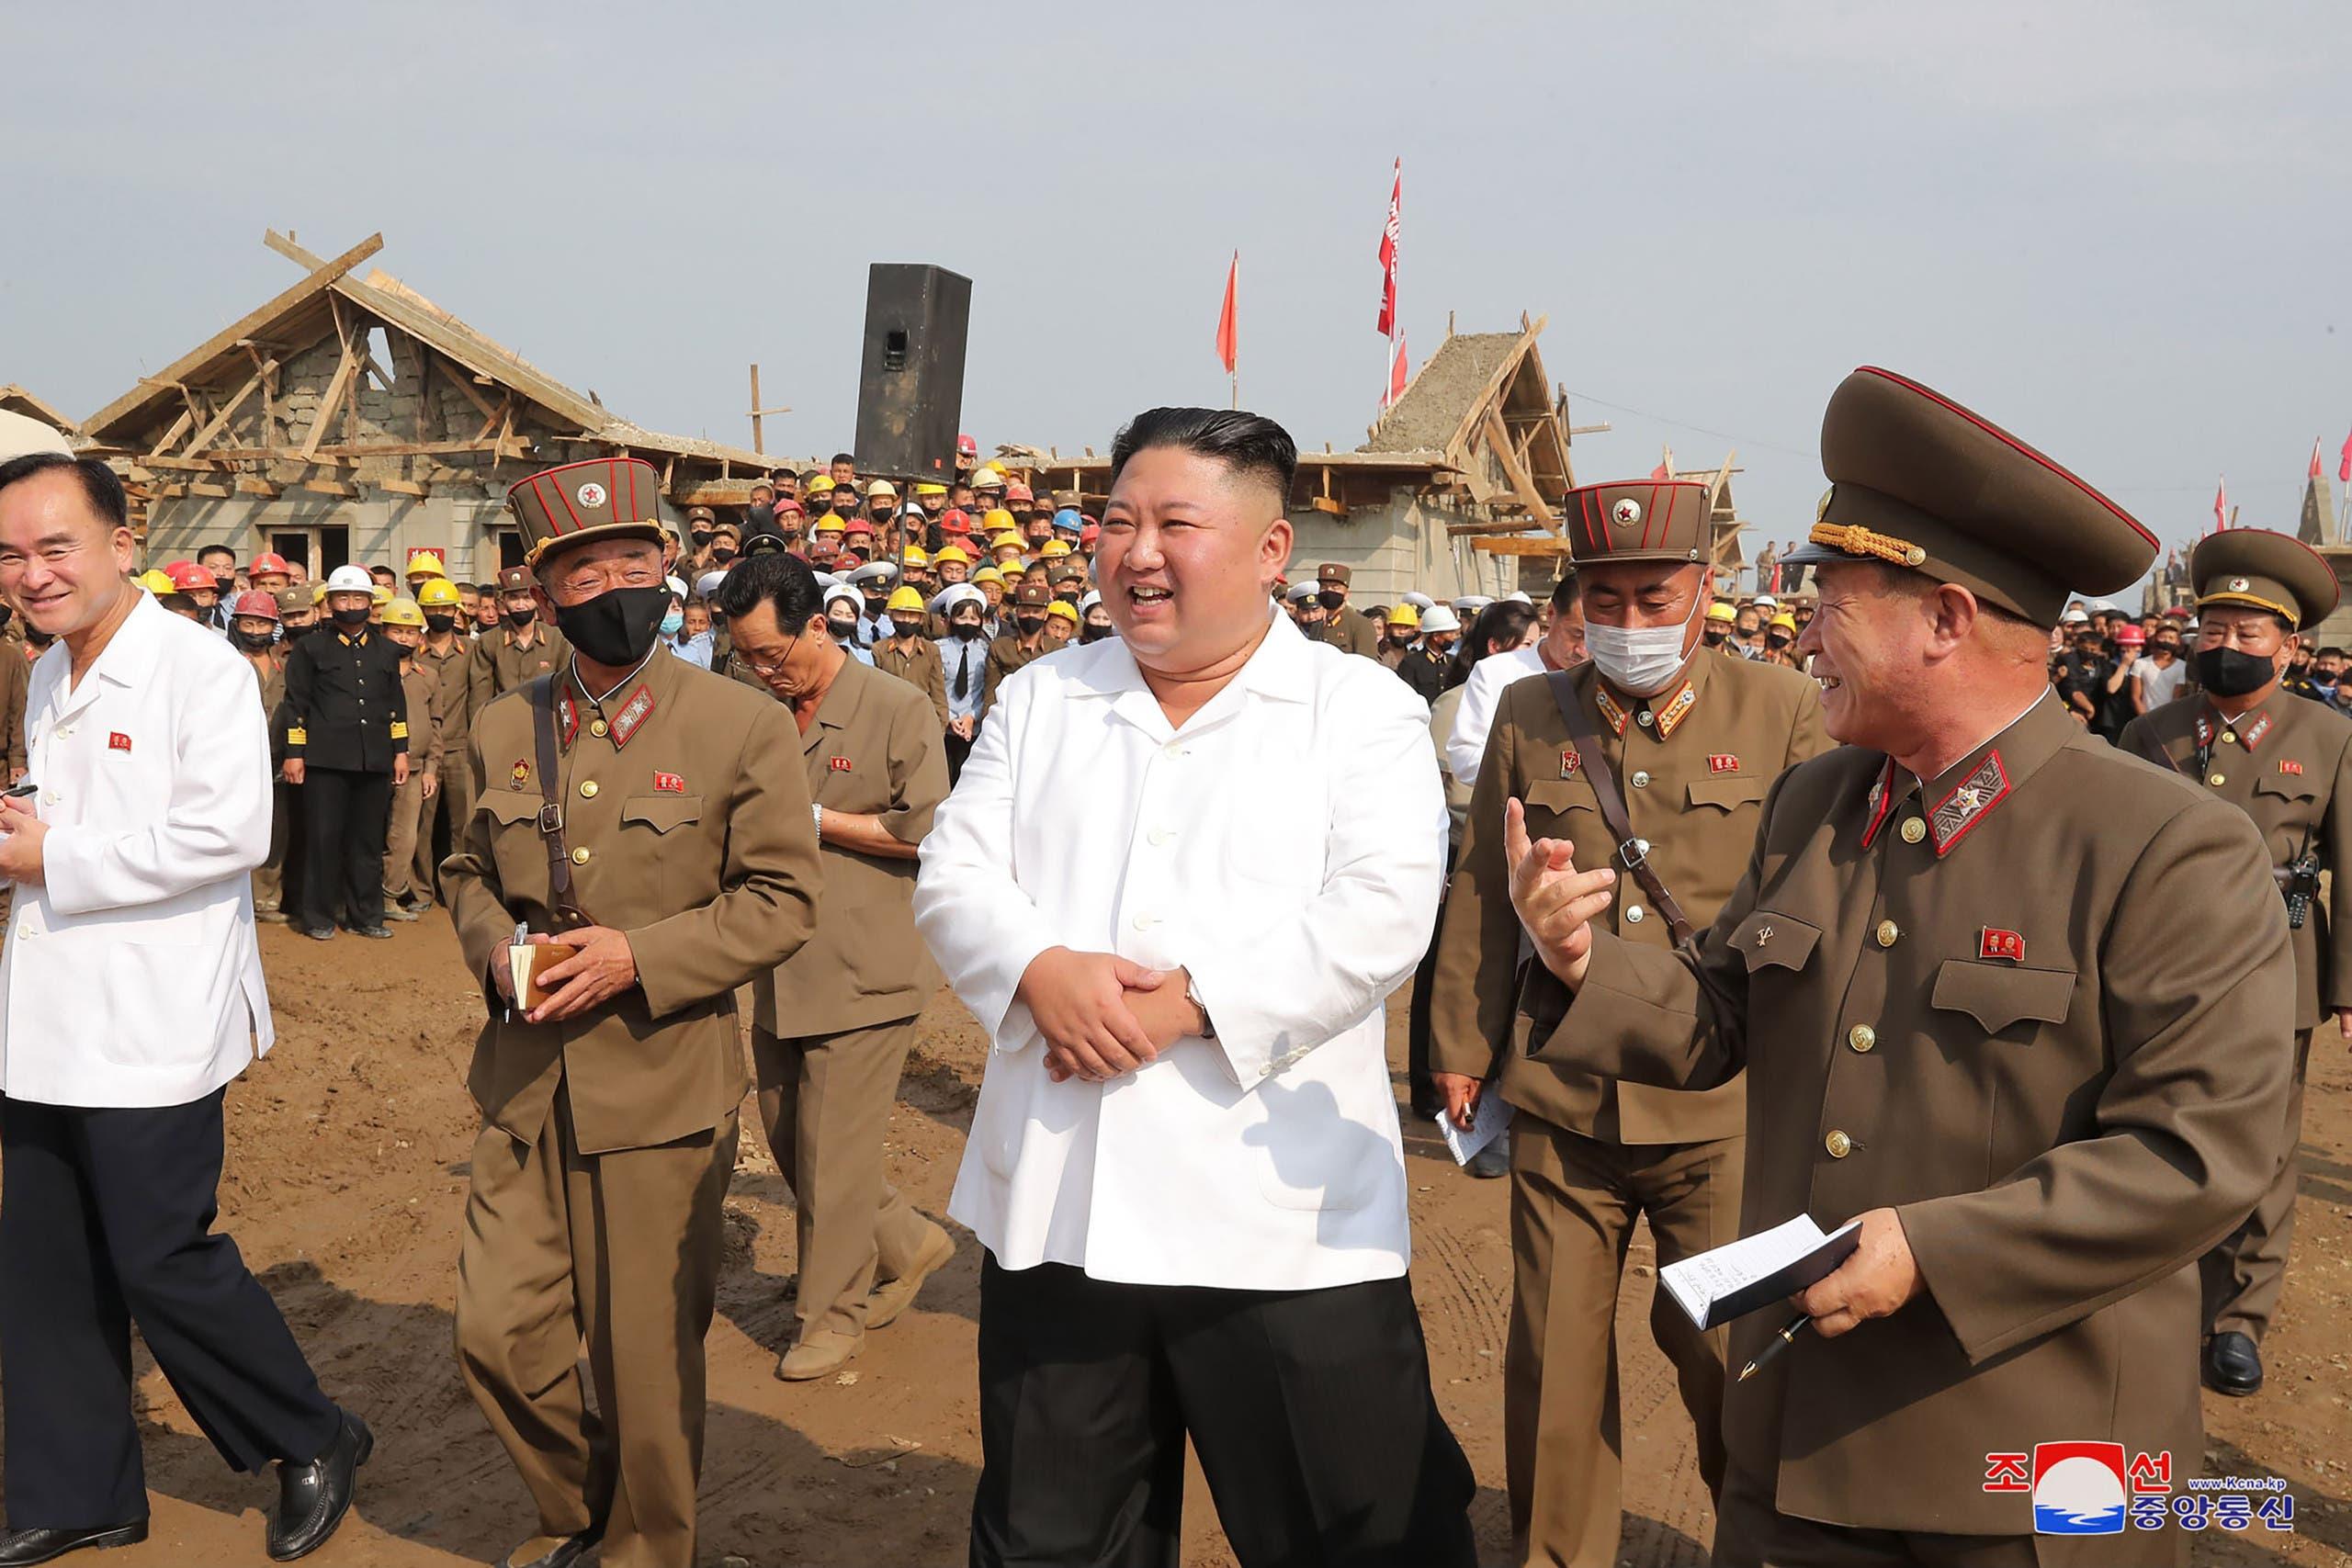 الزعيم الكوري الشمالي كيم يونغ أون